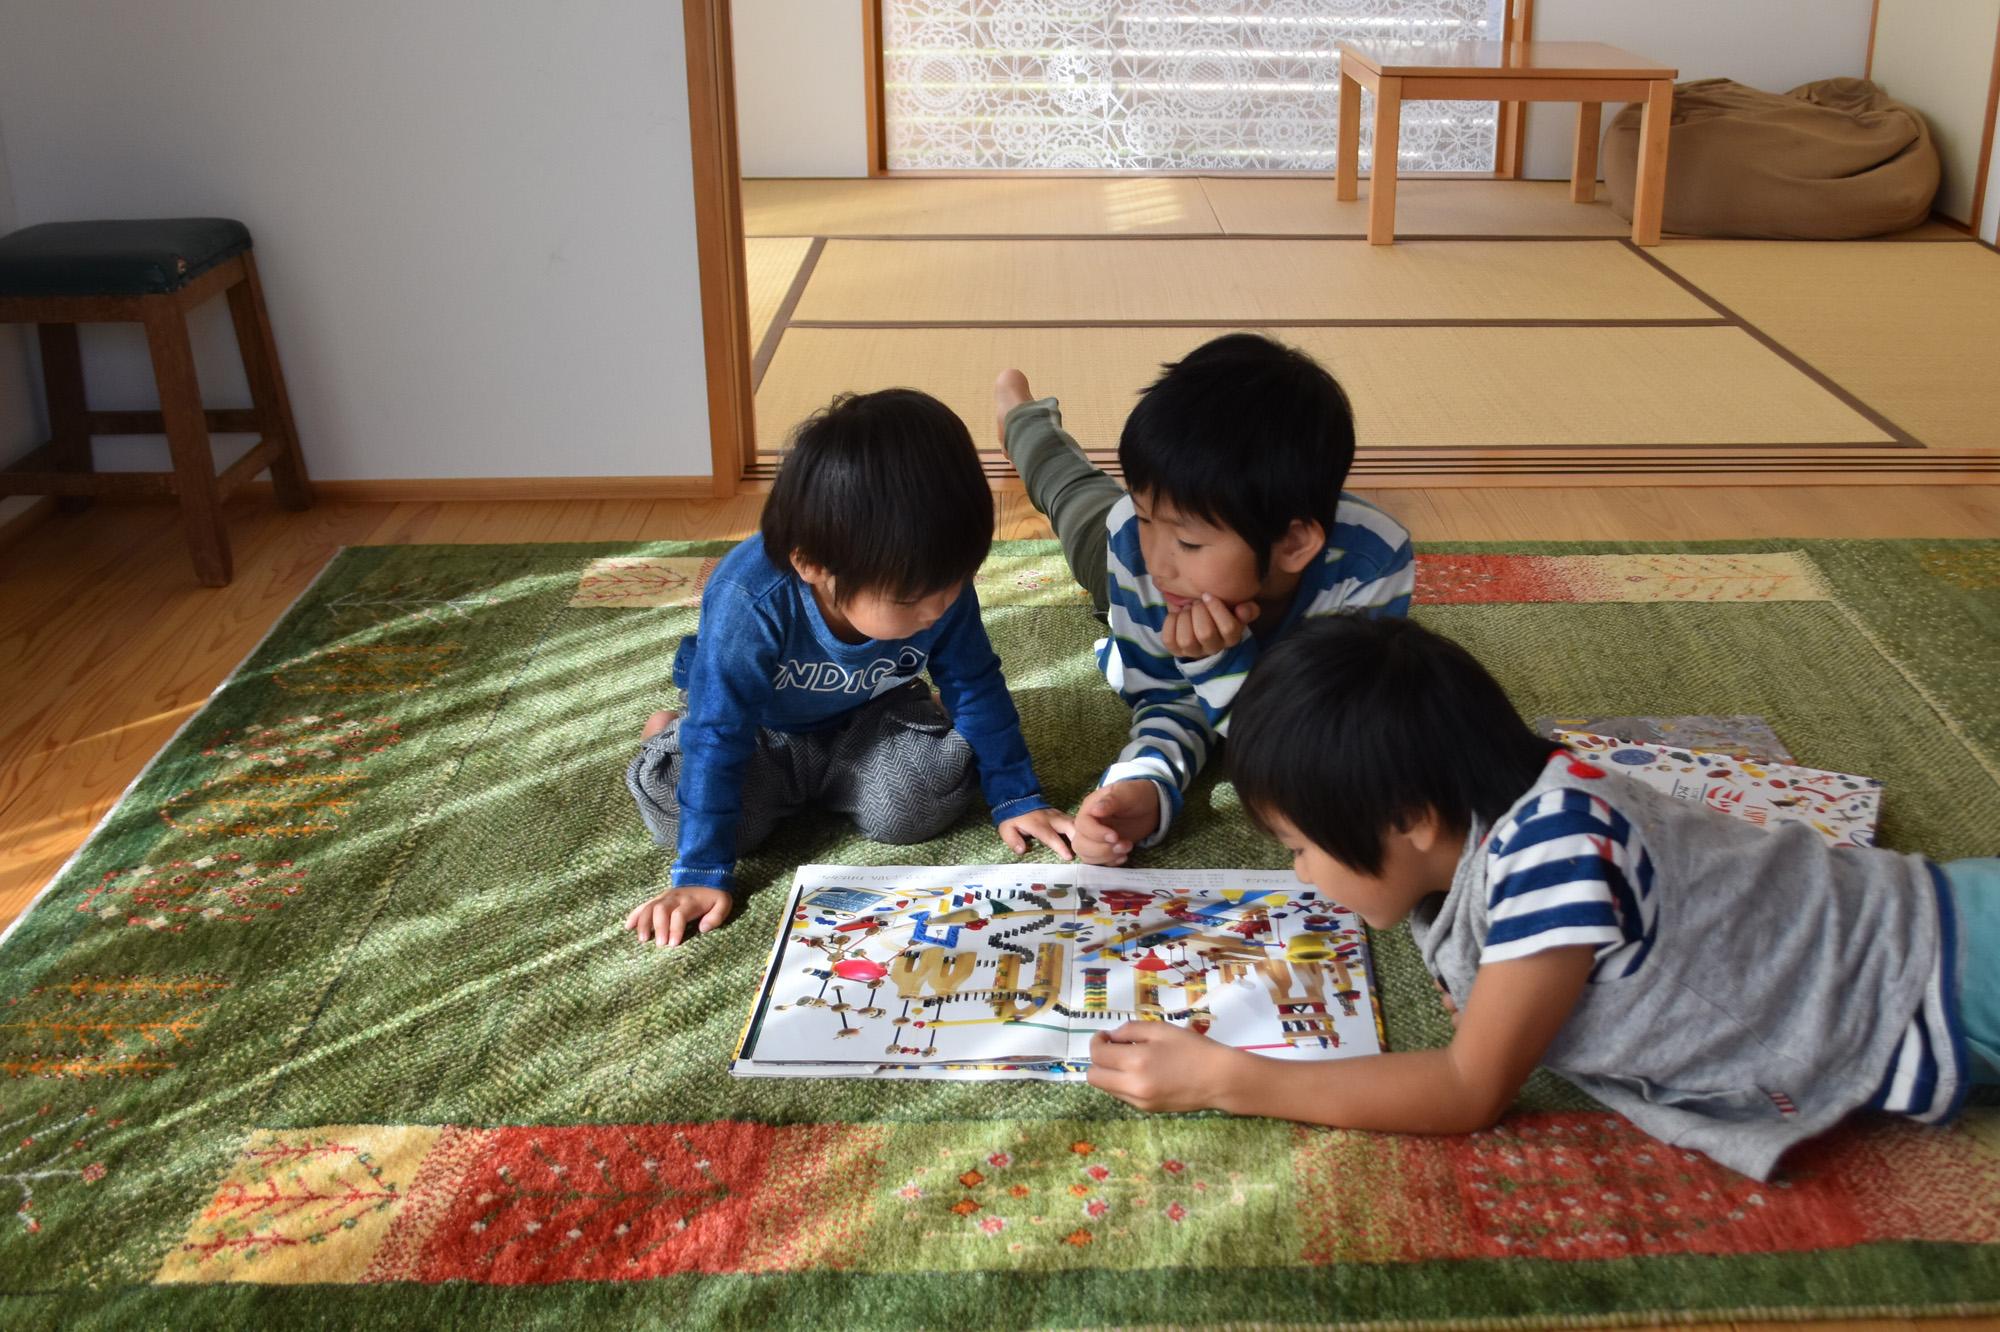 子どもがギャッベの上で遊んでいる